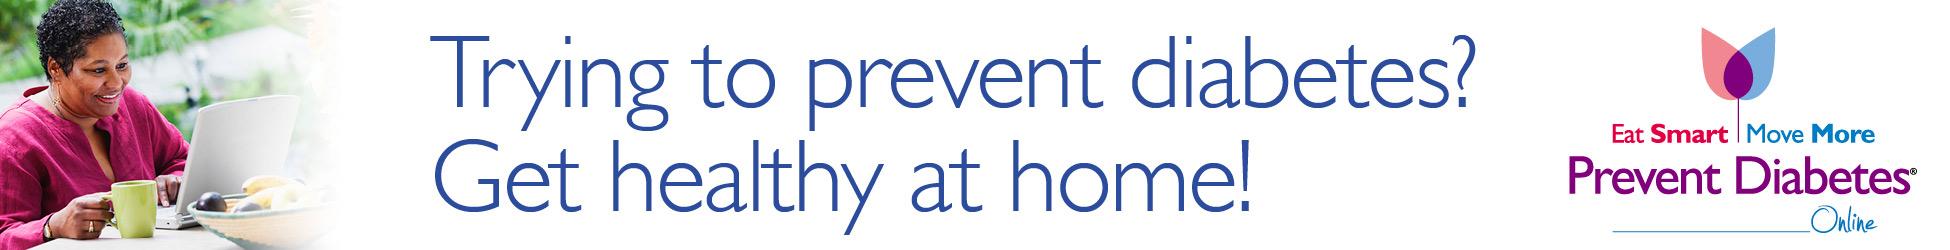 ESMM Prevent Diabetes